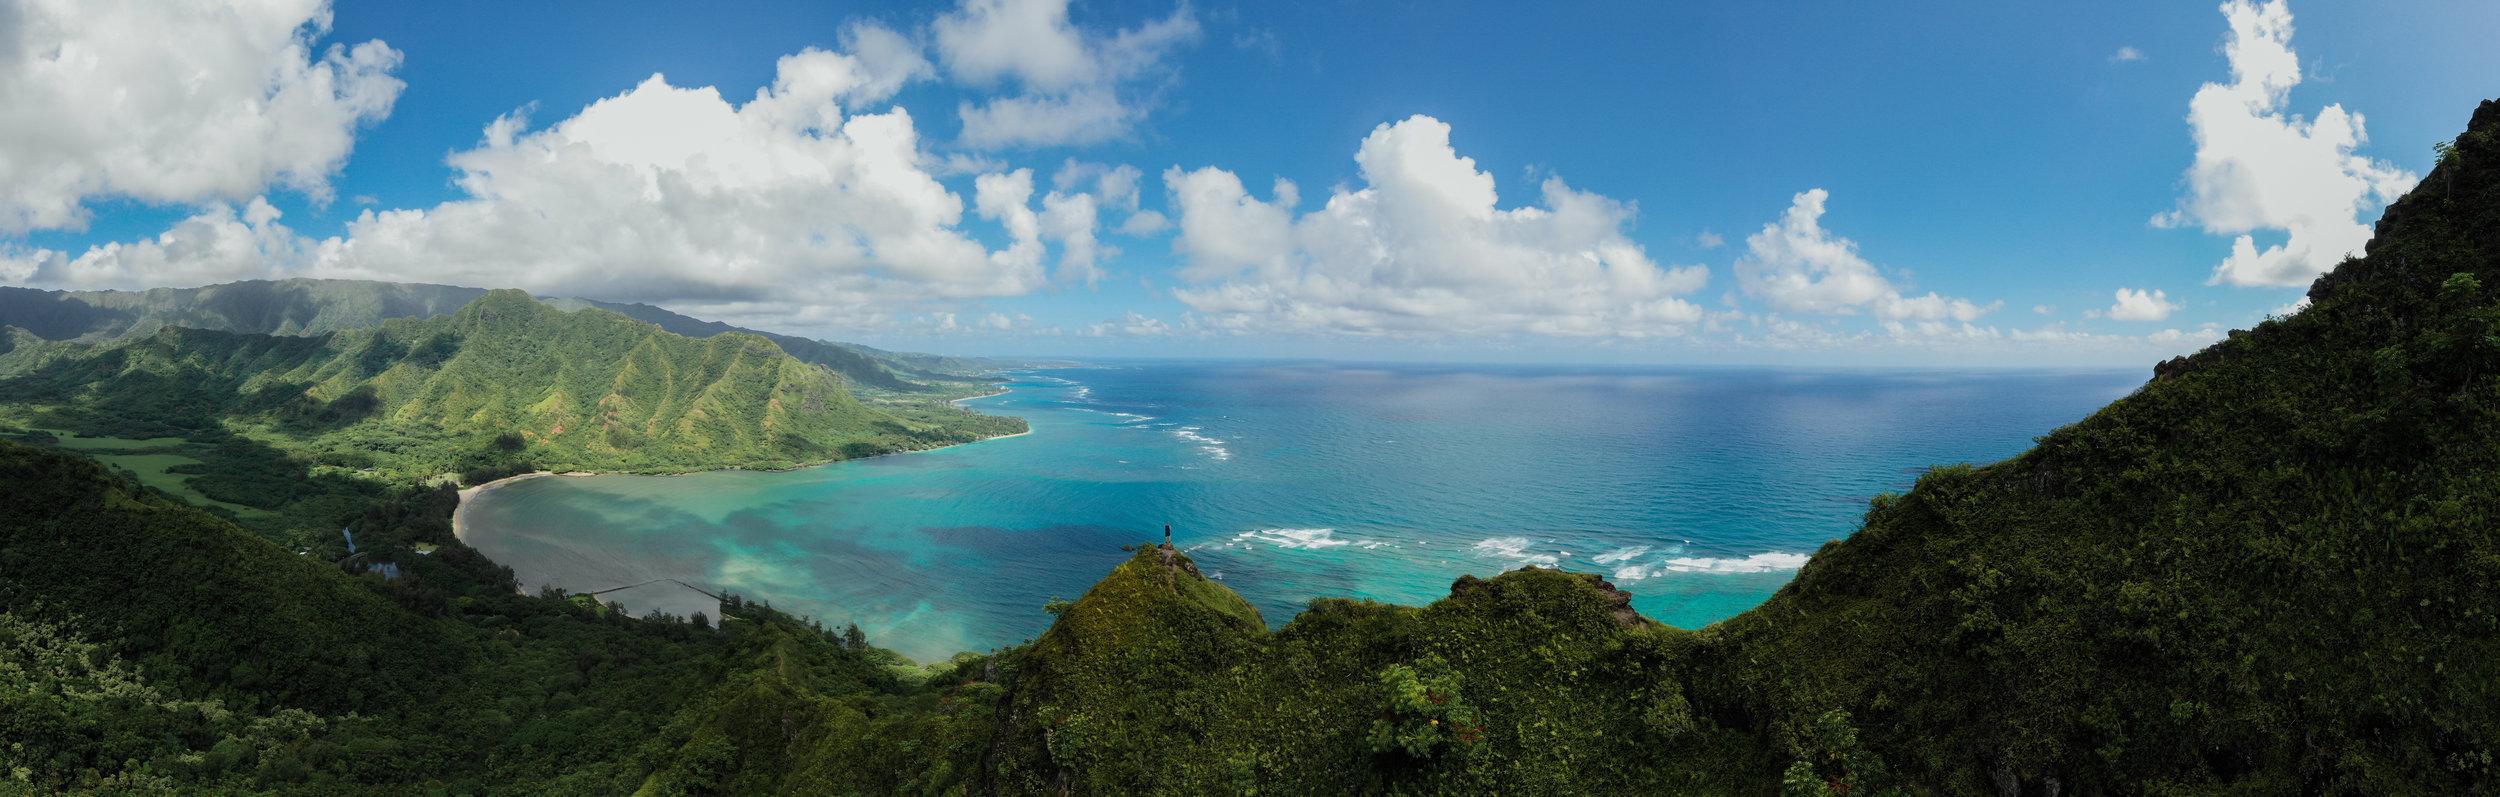 Hawaii-58.jpg